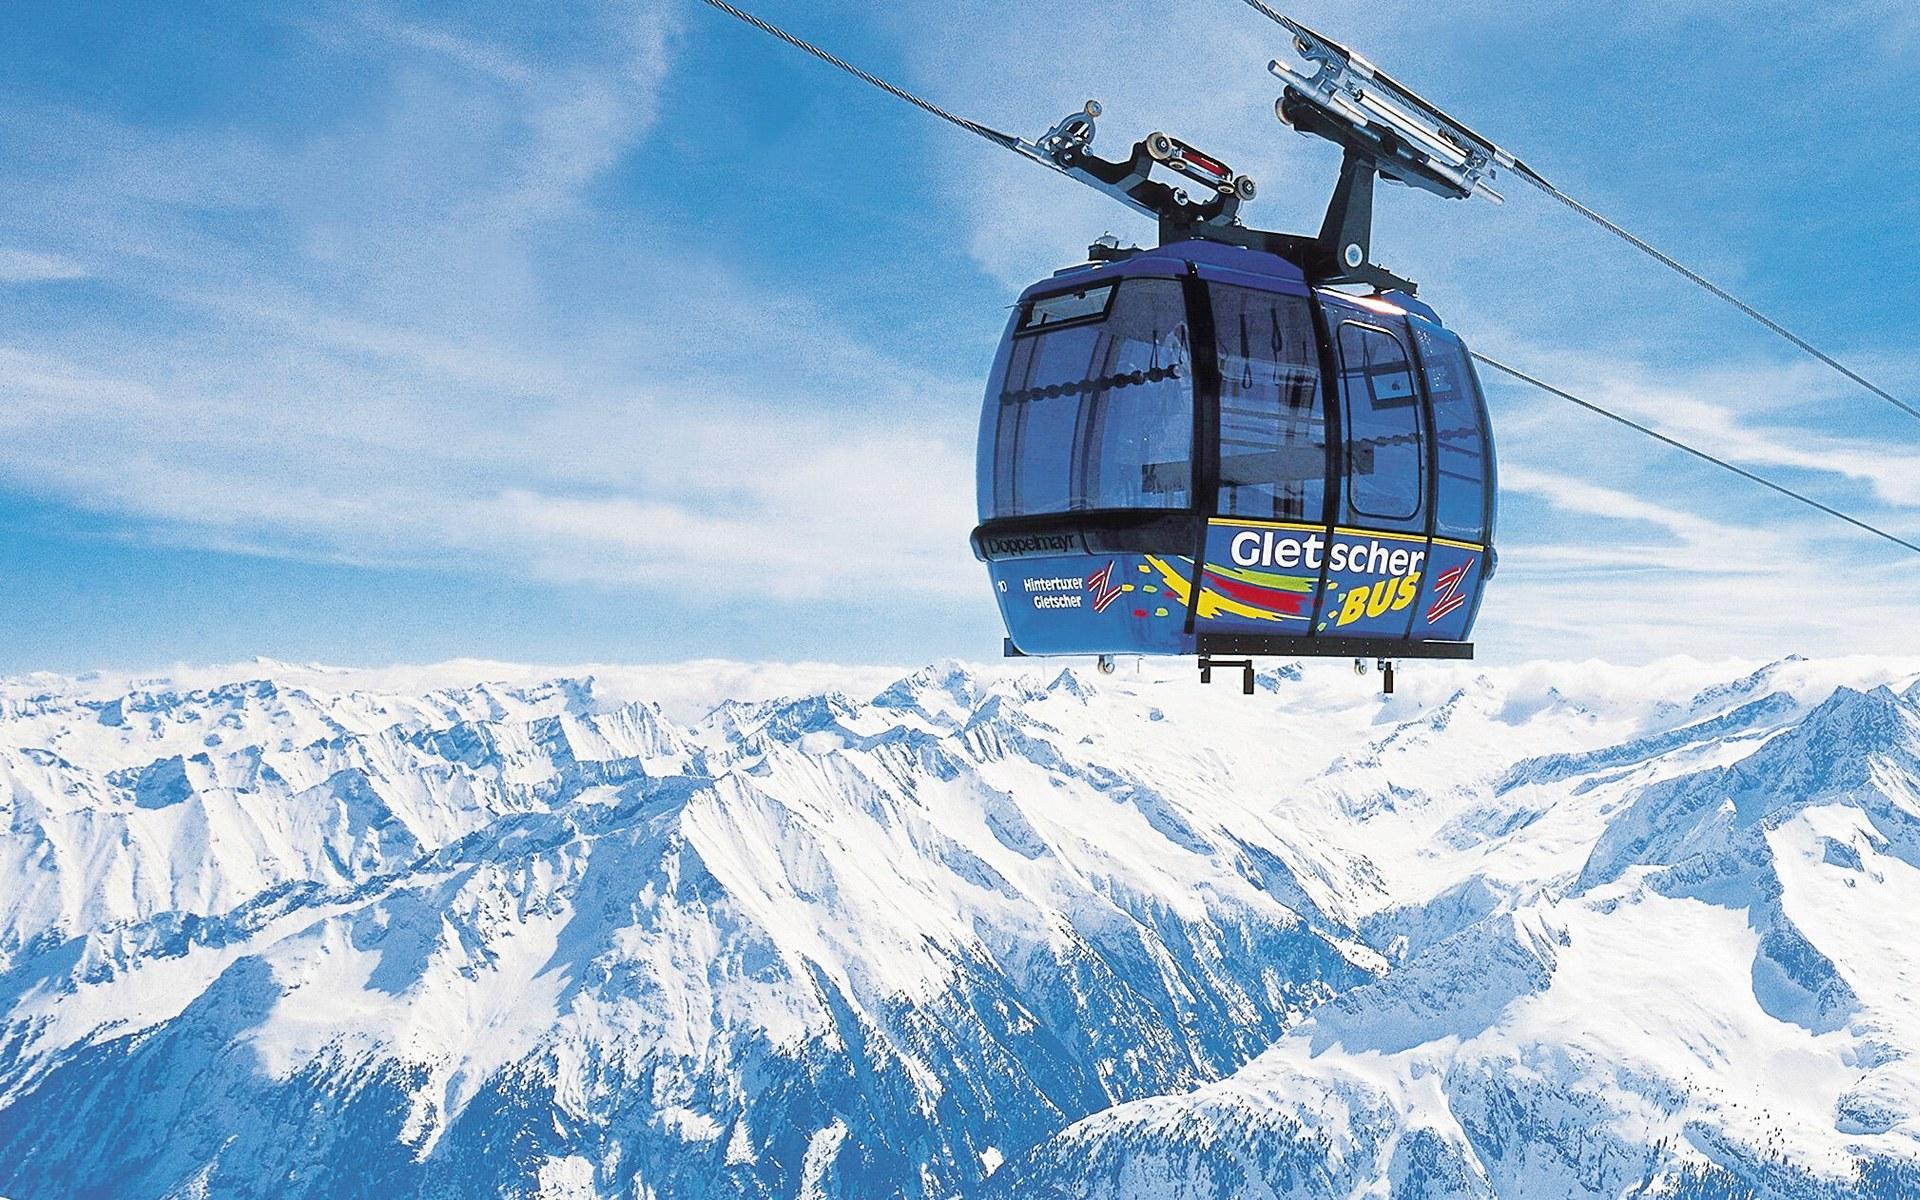 壁纸1920×1200滑雪圣地 阿尔卑斯山度假壁纸 高山缆车图片壁纸壁纸 滑雪圣地阿尔卑斯山度假壁纸壁纸图片人文壁纸人文图片素材桌面壁纸